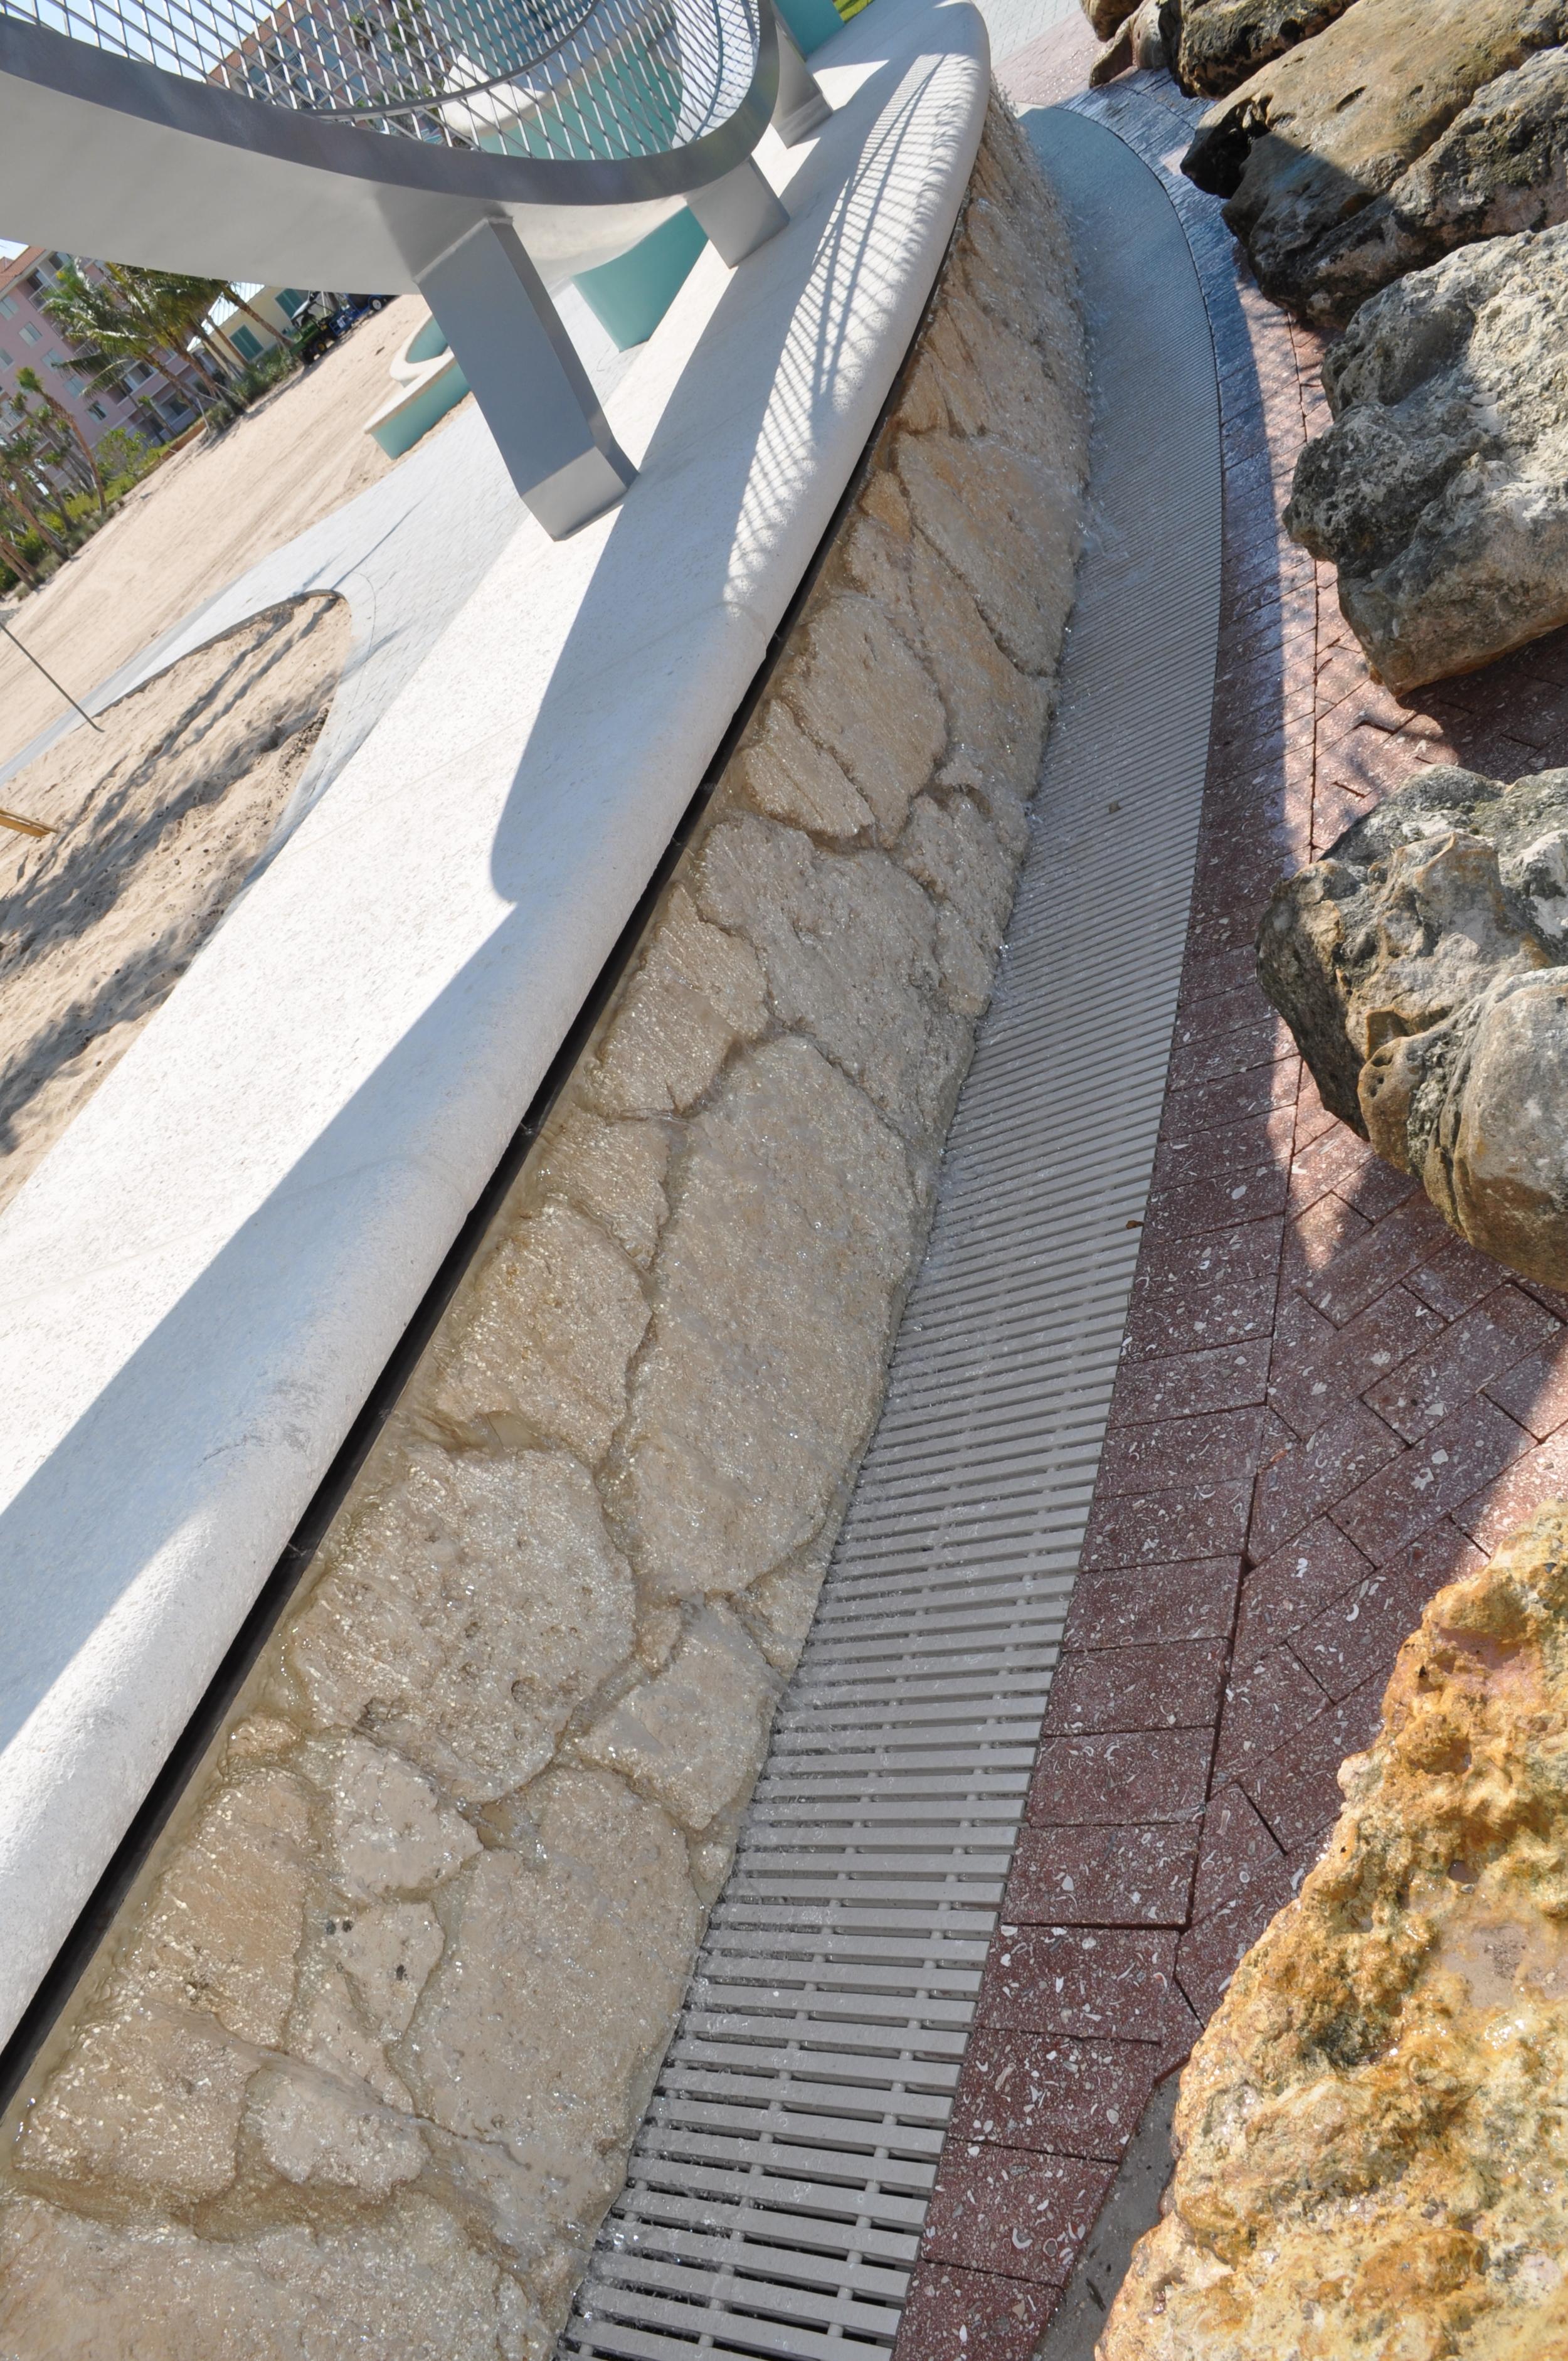 City of Riviera Beach Municipal Beach Park Ocean Mall Rock Water Feature.jpg